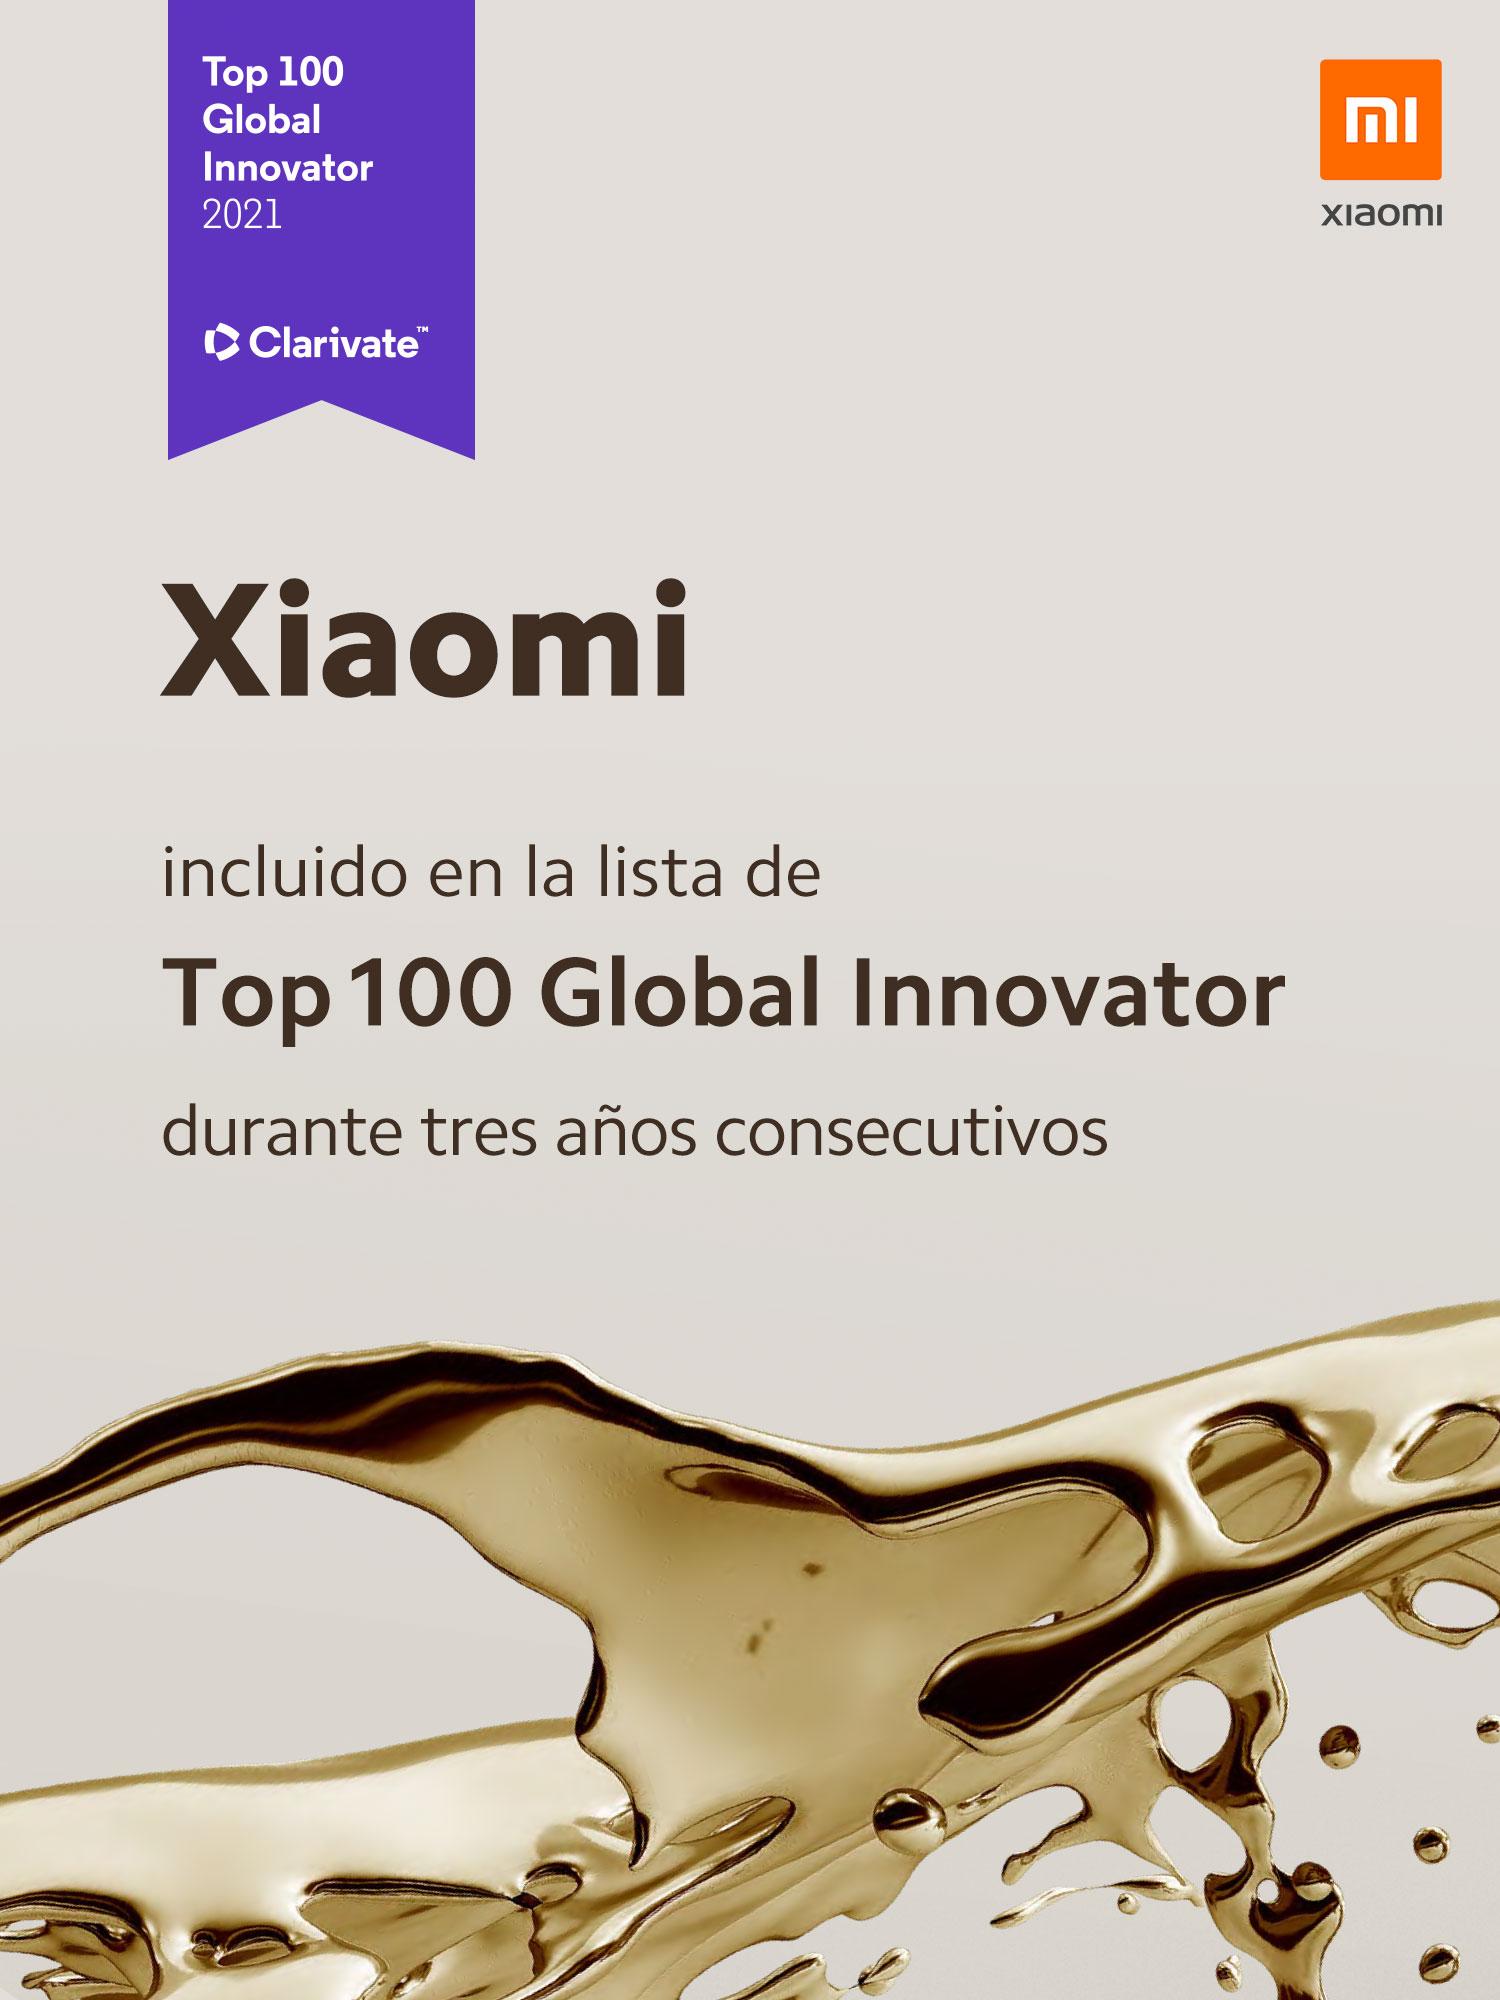 Por tercera vez Xiaomi es incluida en el Top 100 Global Innovator. Noticias Xiaomi Adictos